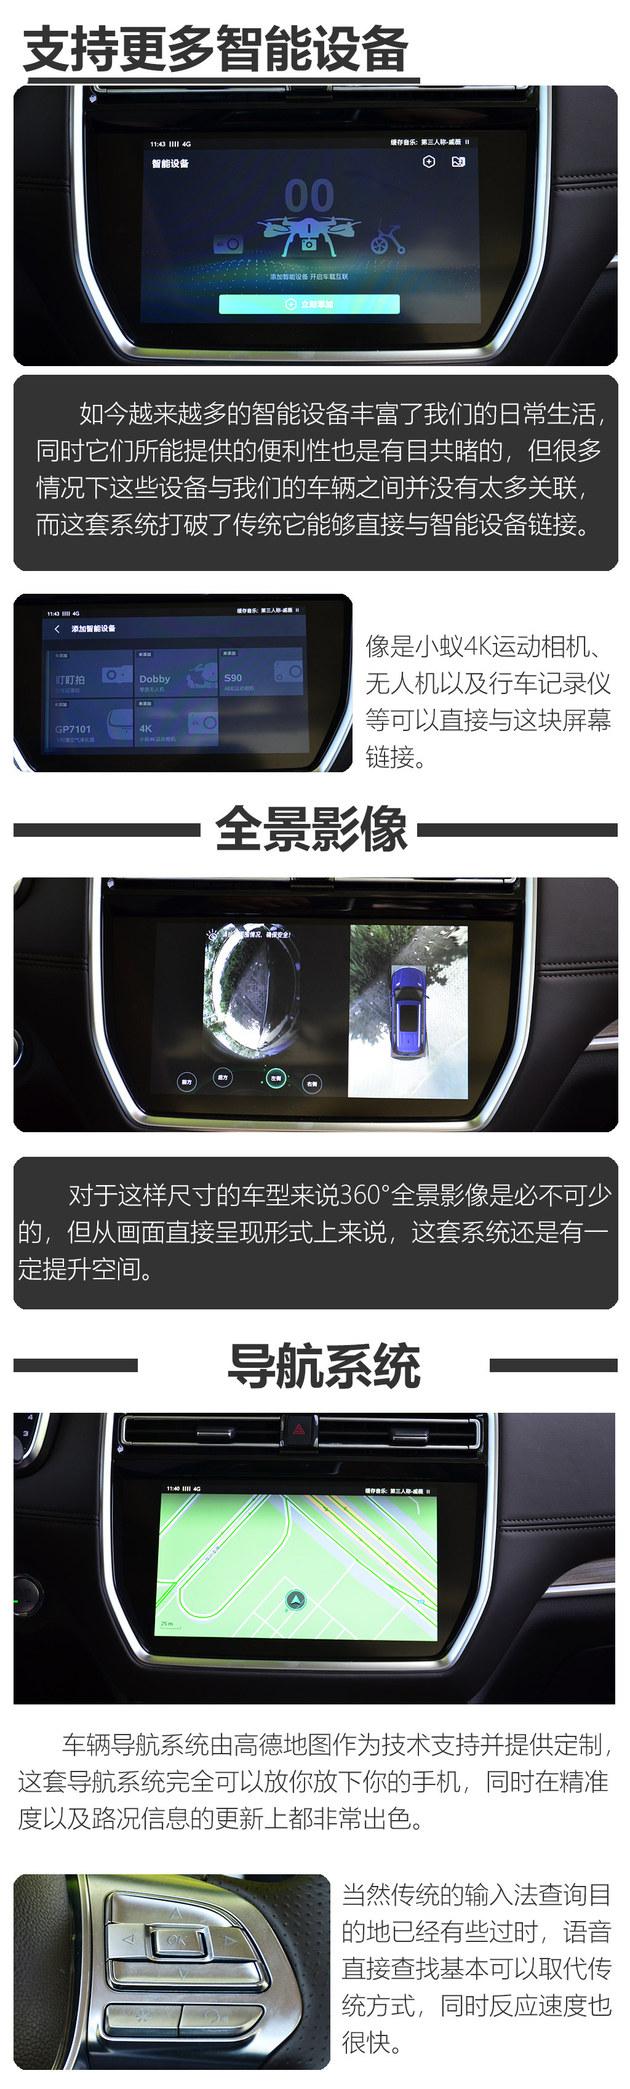 荣威RX8多媒体体验 智能大屏更炫更实用